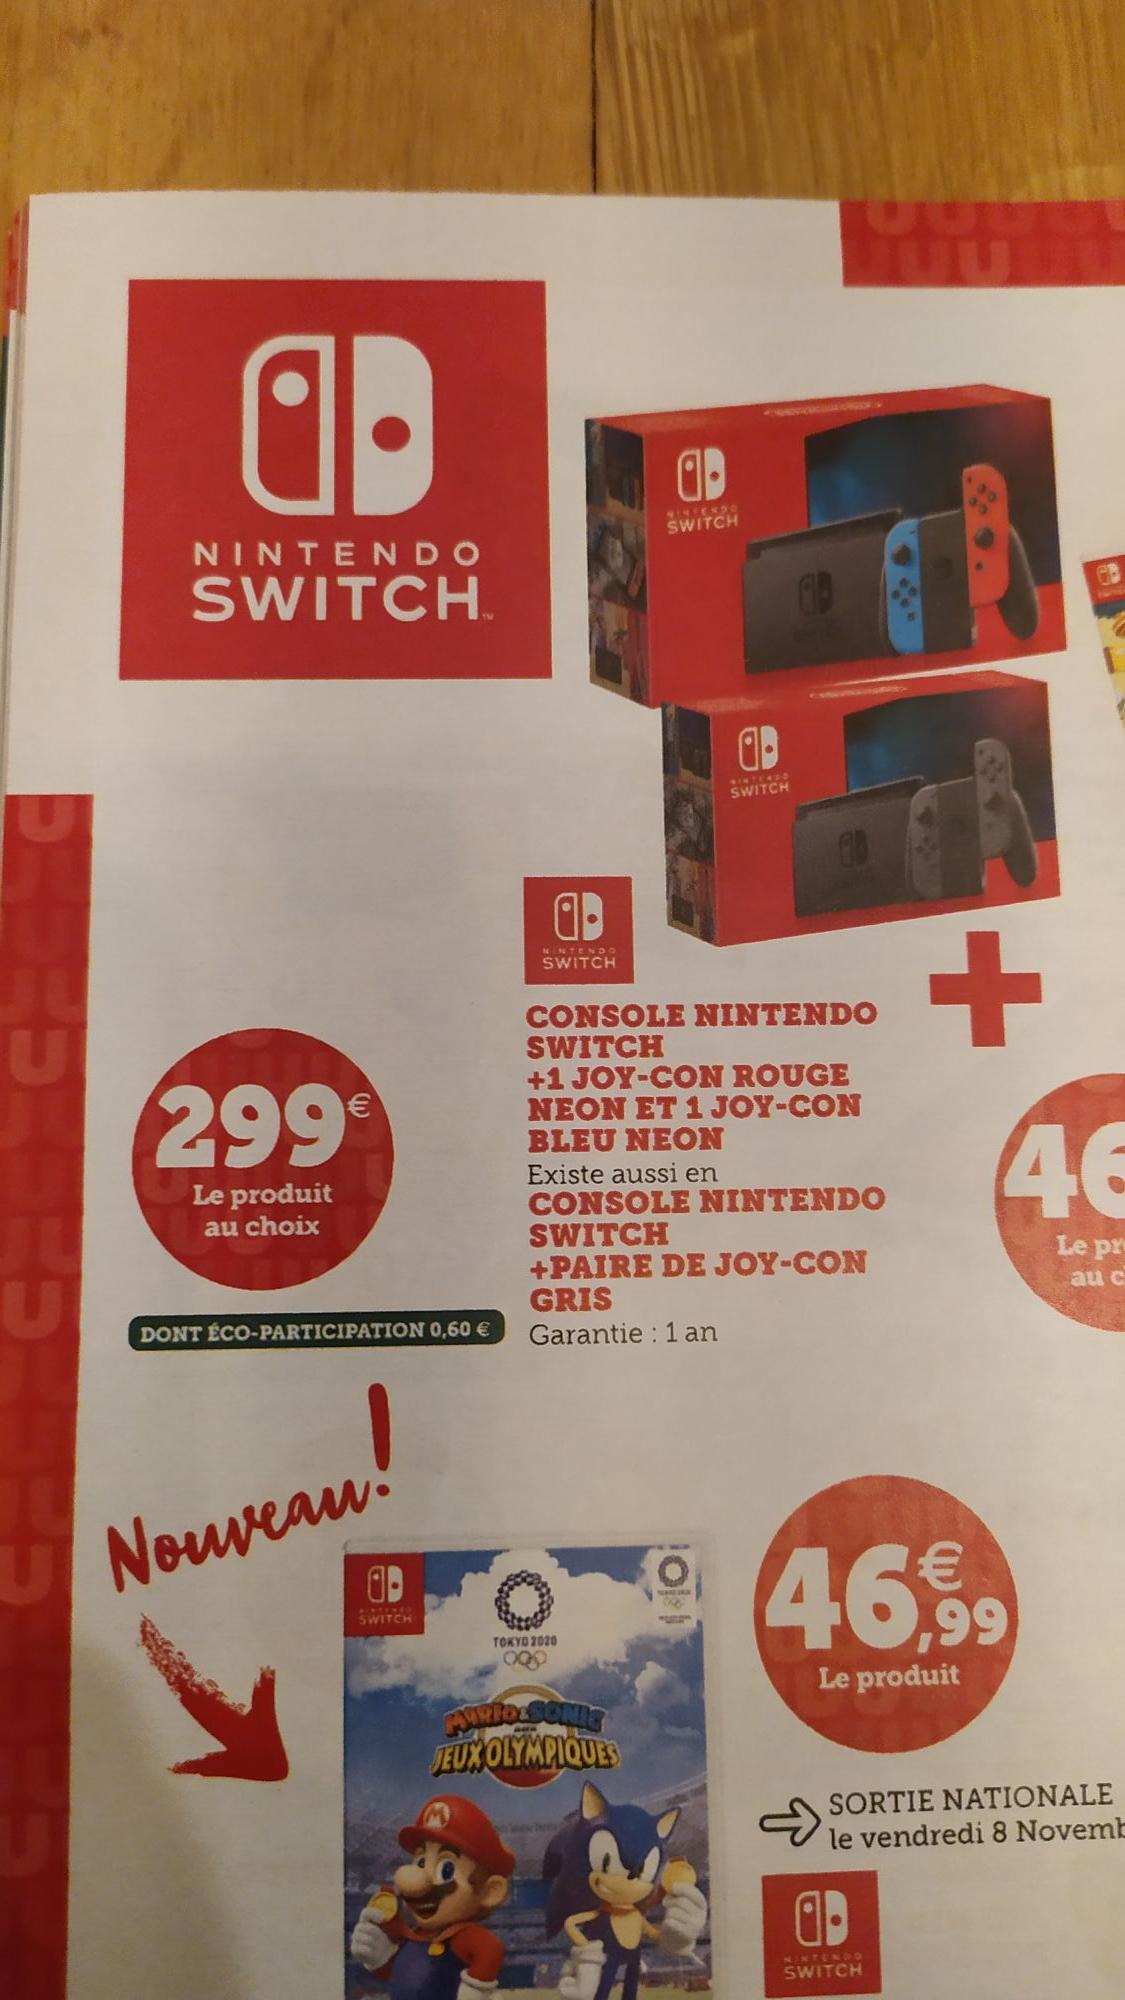 Console Nintendo Switch (via 89.7€ sur la carte) - St Etienne de Montluc (44)